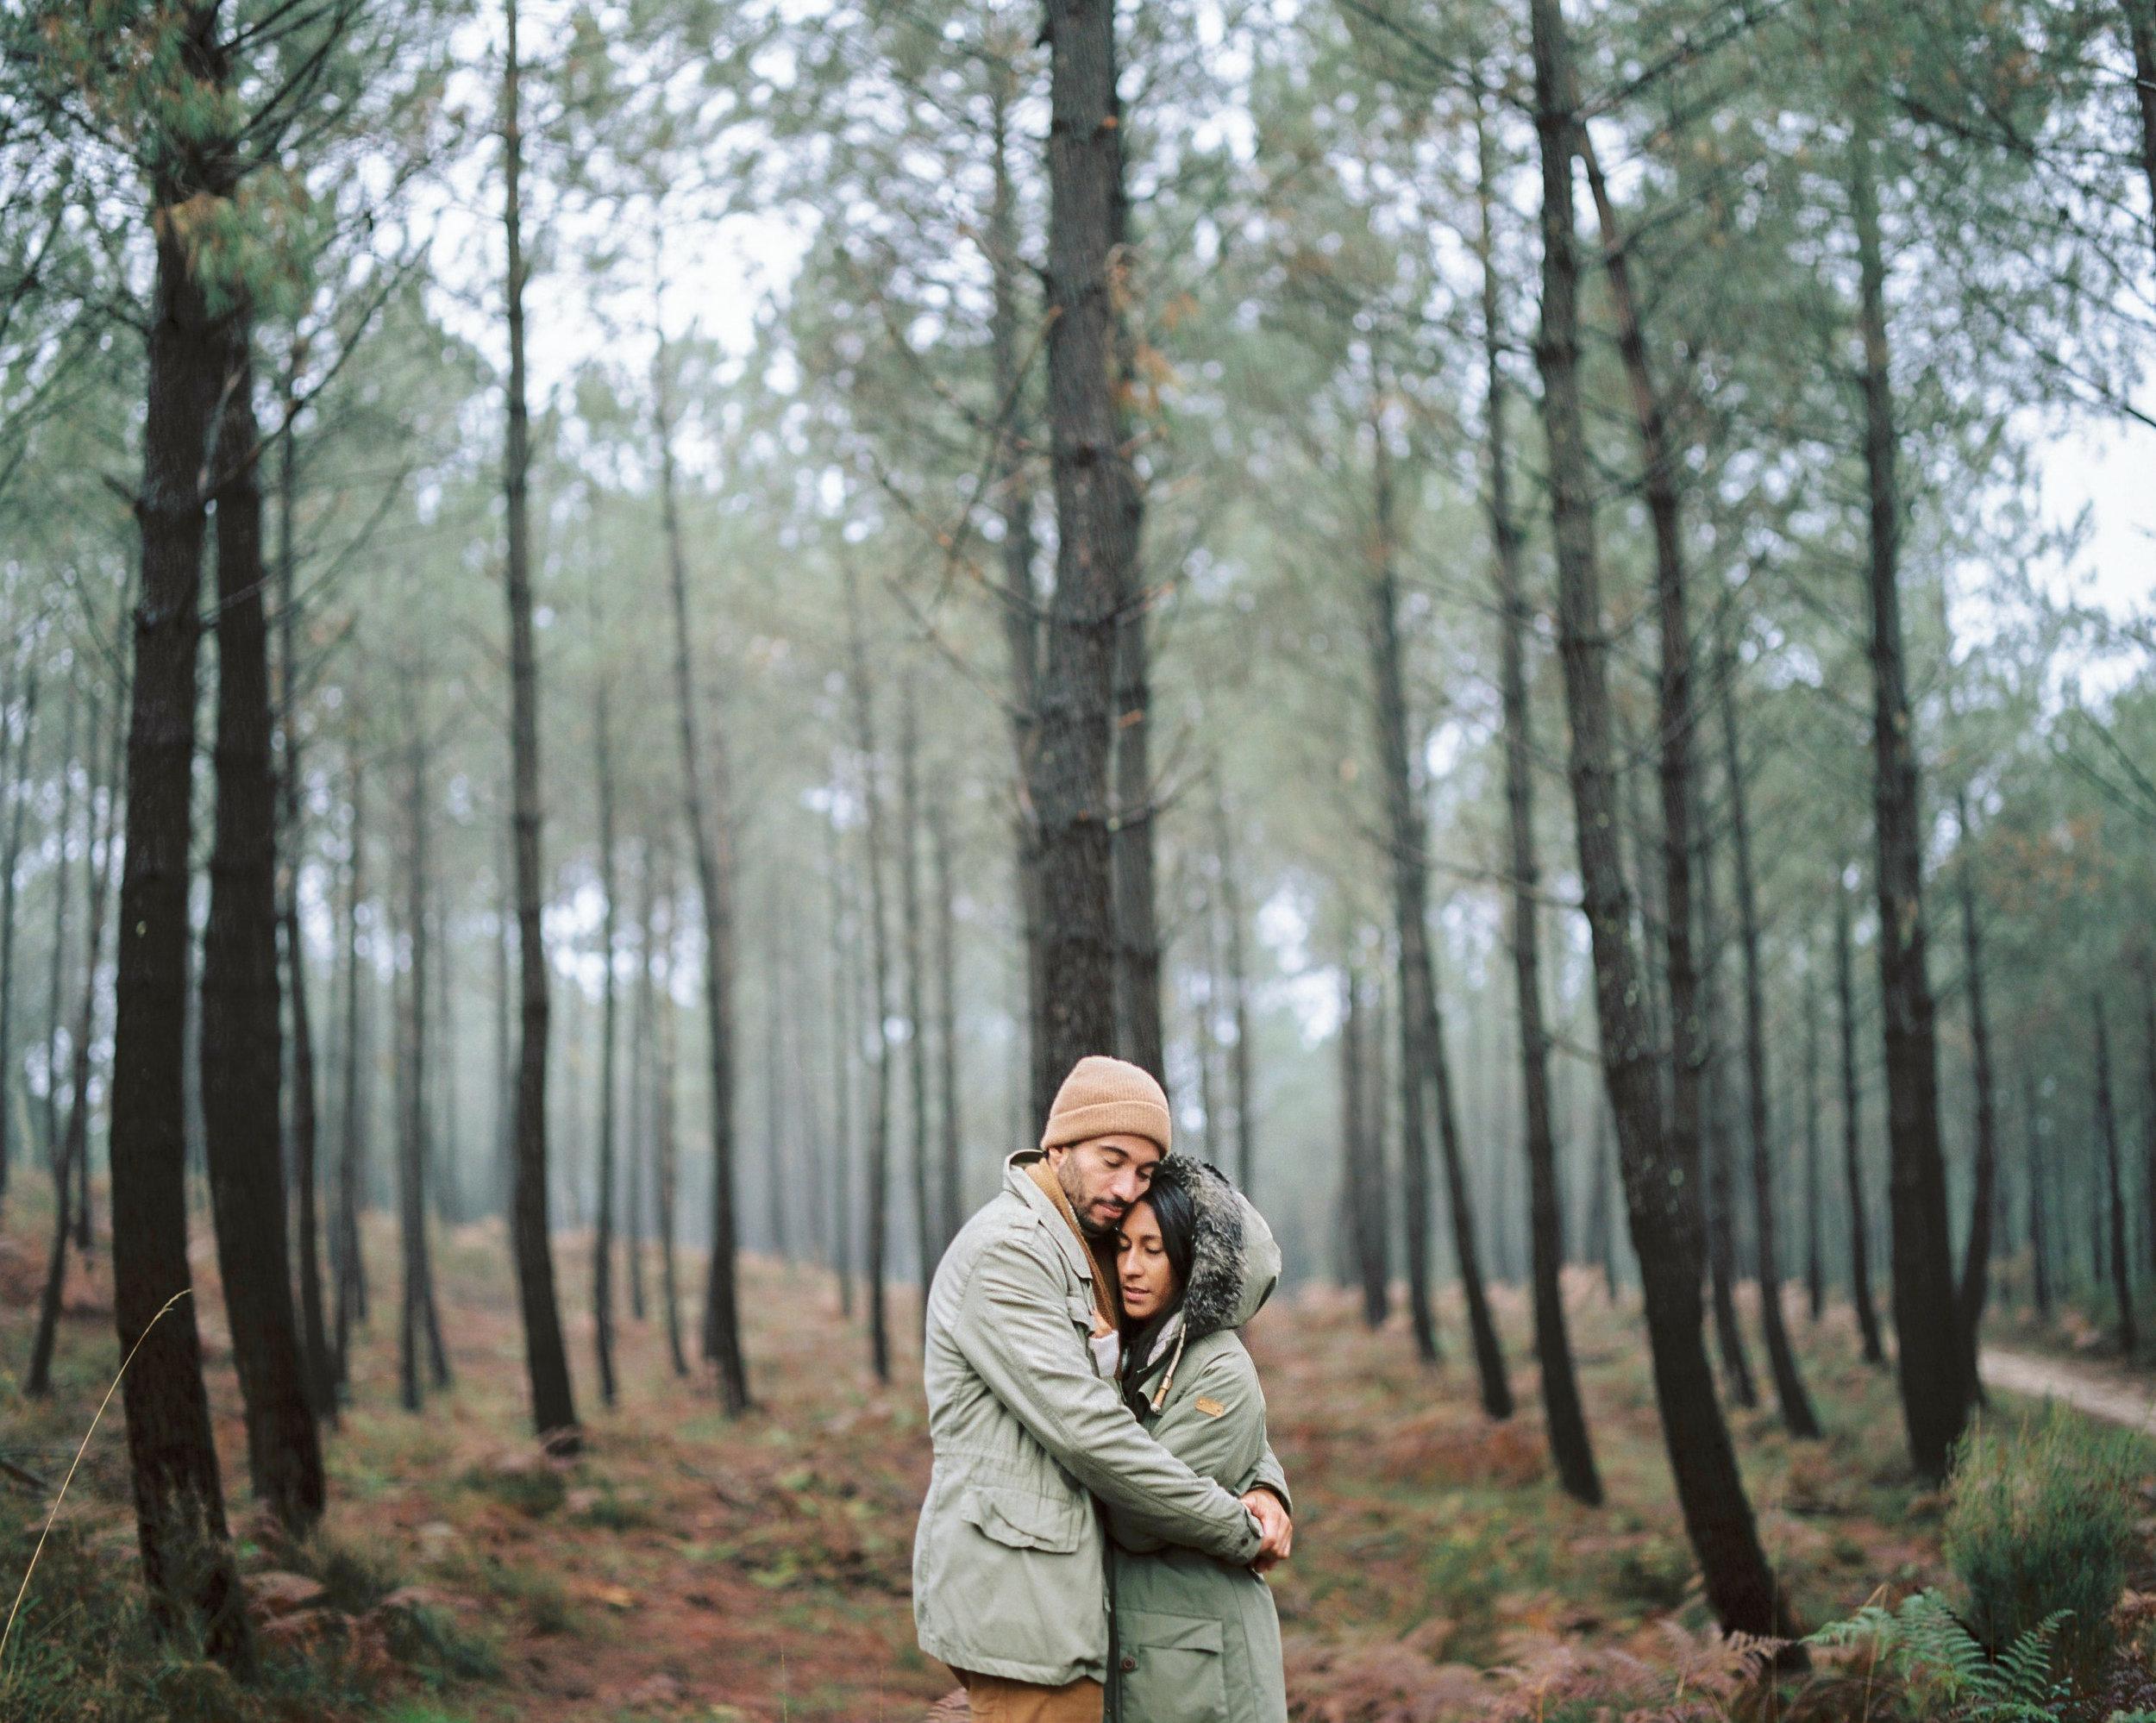 celinehamelin-photographe-couple-argentique-loversession-espagne-sudouest-filmphotography7.jpg